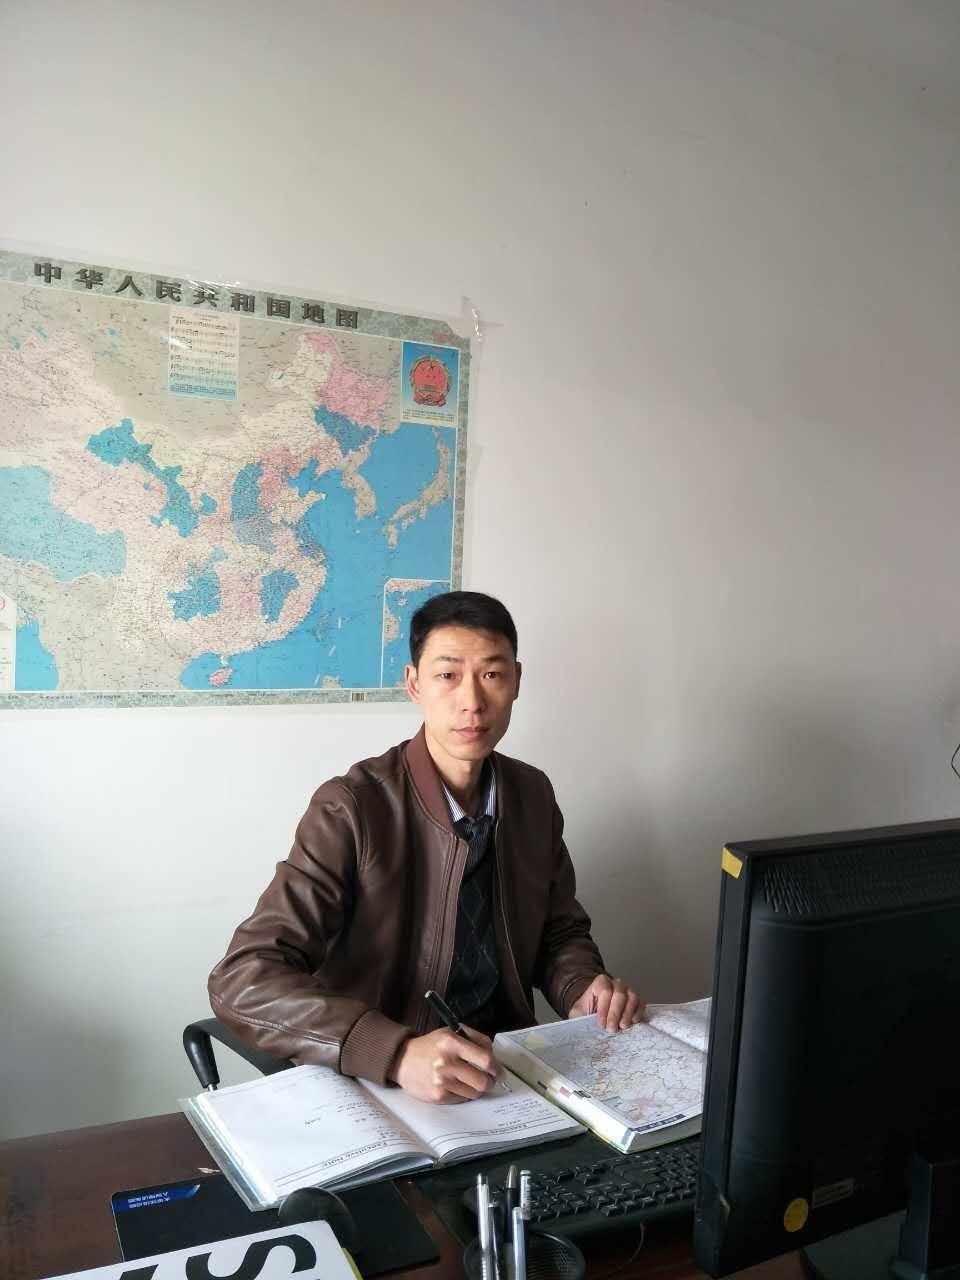 南京到庆阳物流专线(上海花源物流有限公司南京分公司)